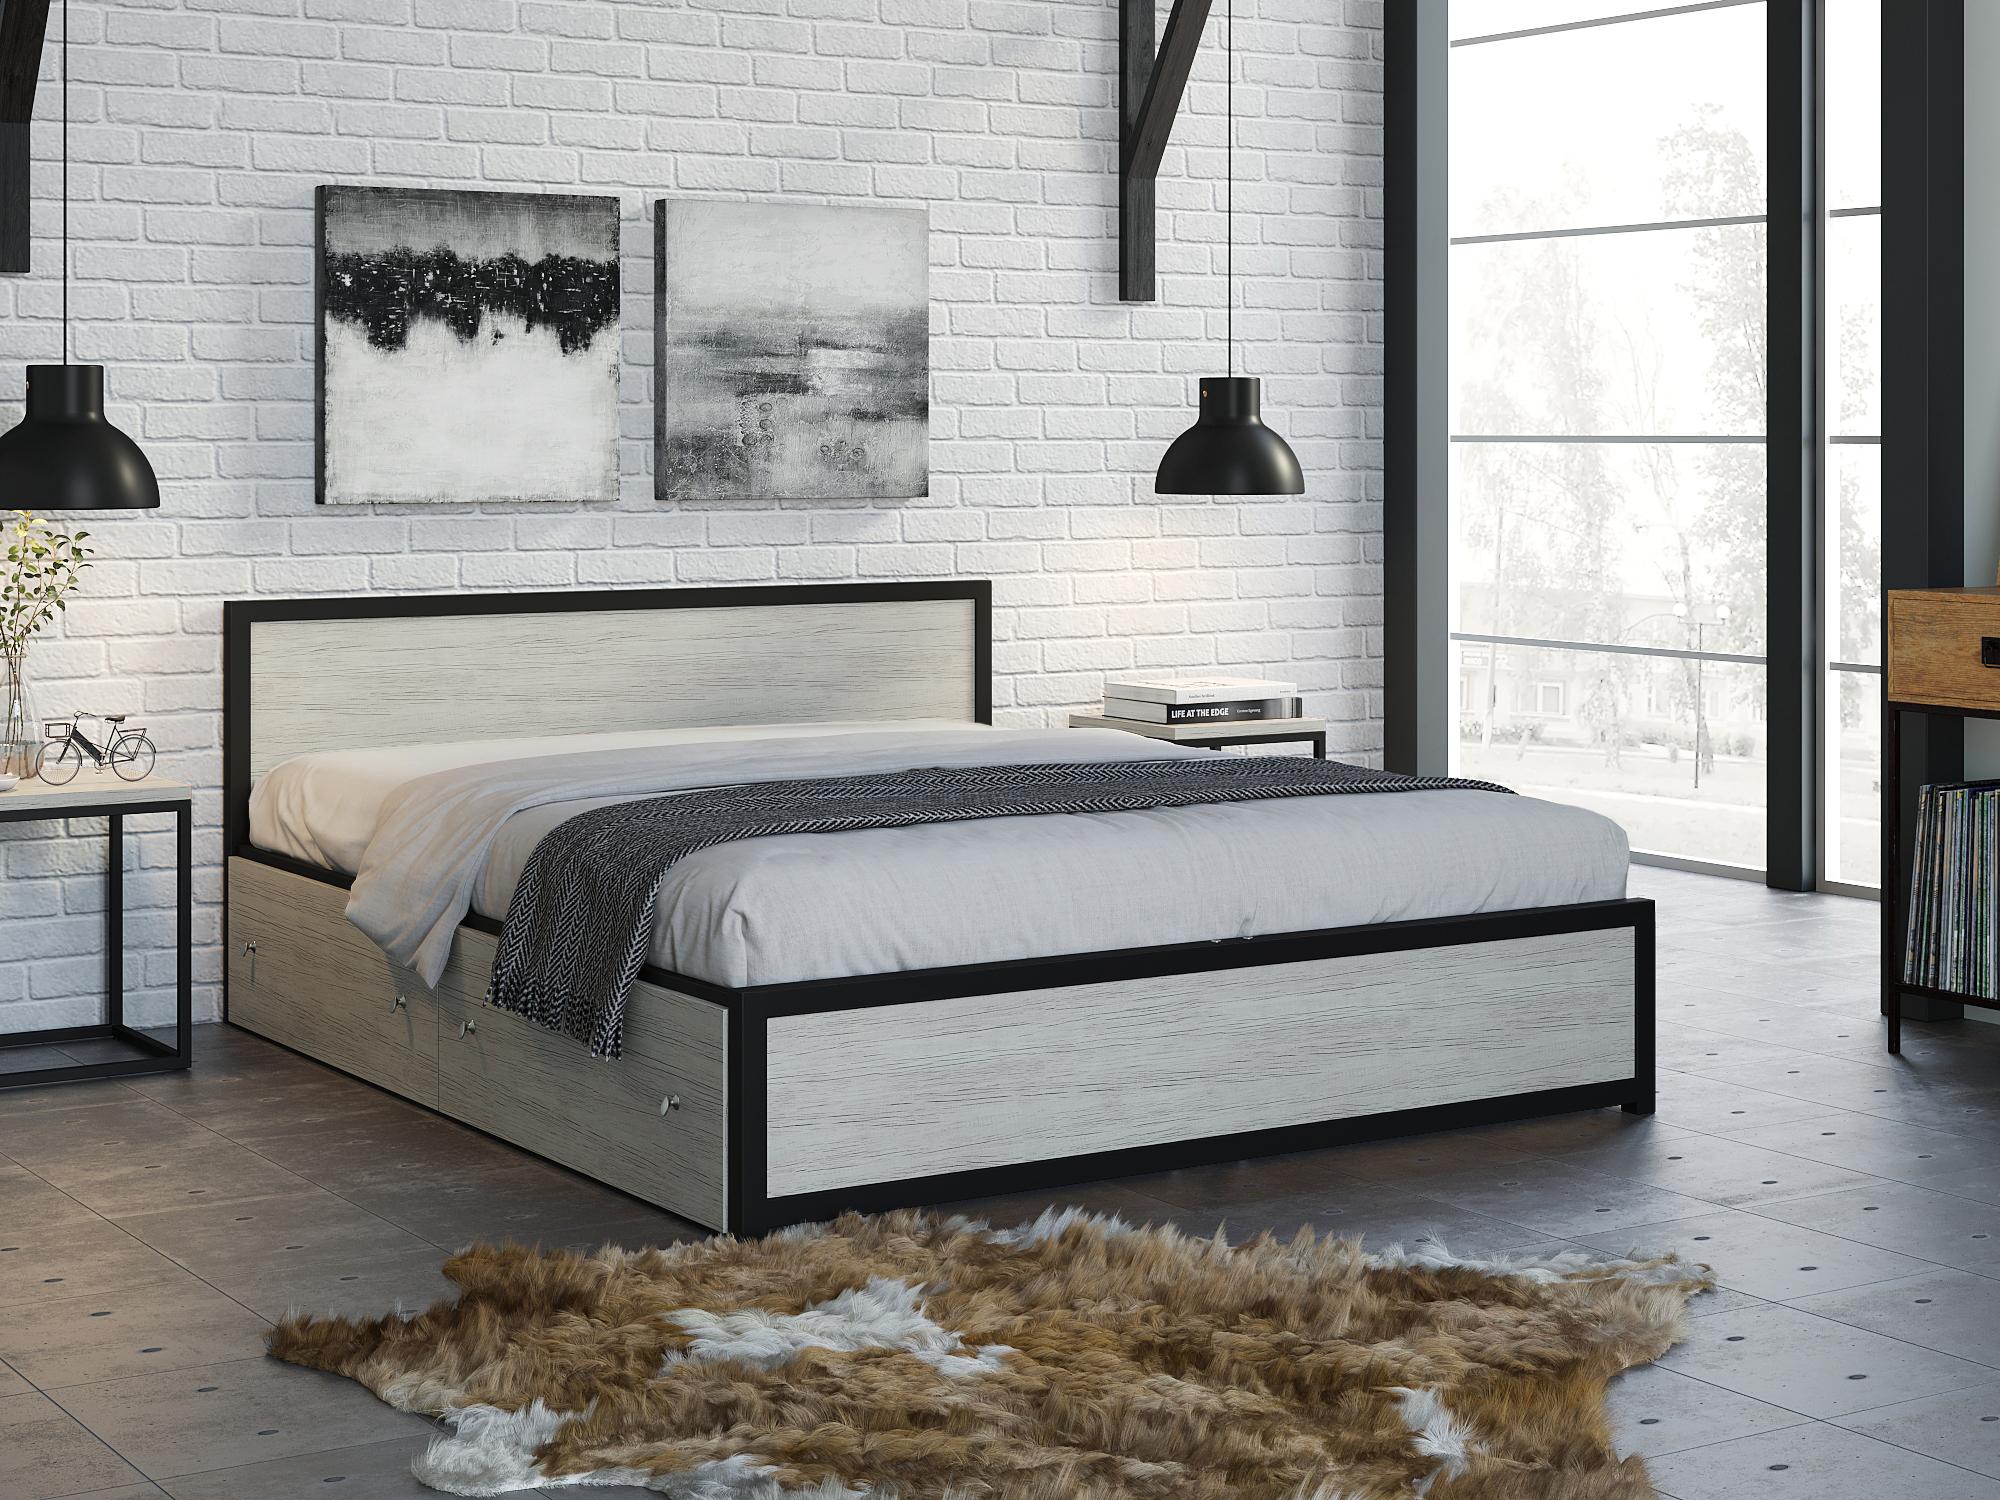 Фото - Кровать Титан (160х200) Дуб крафт белый, Черный, ЛДСП 26 мм, Металл крафт роберт эмиль воздушный пират икс металл